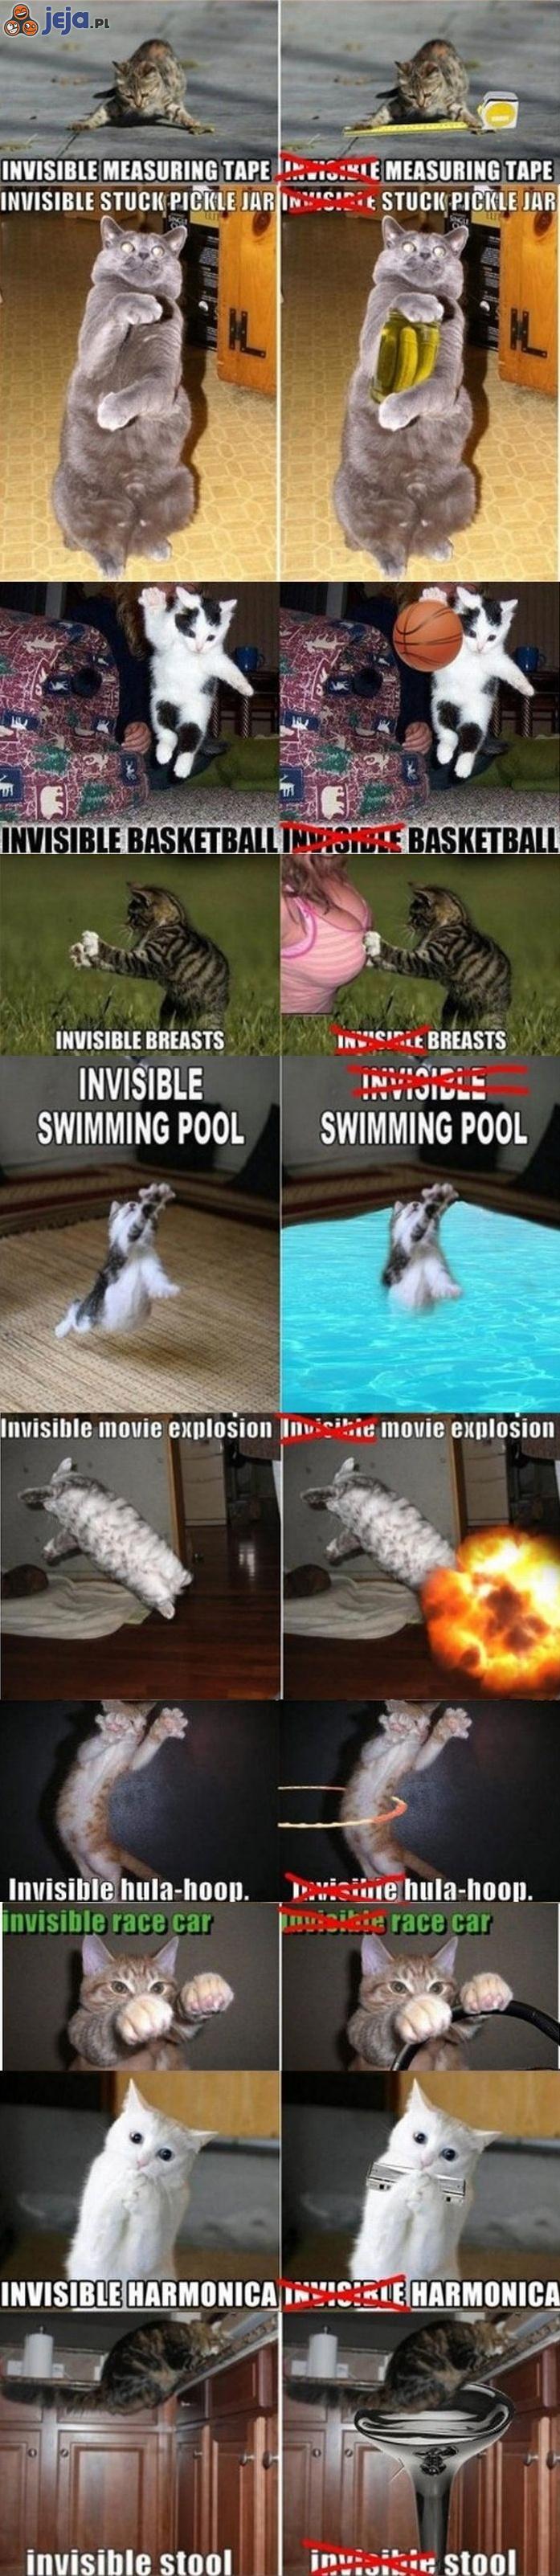 Koty i niewidzialne przedmioty